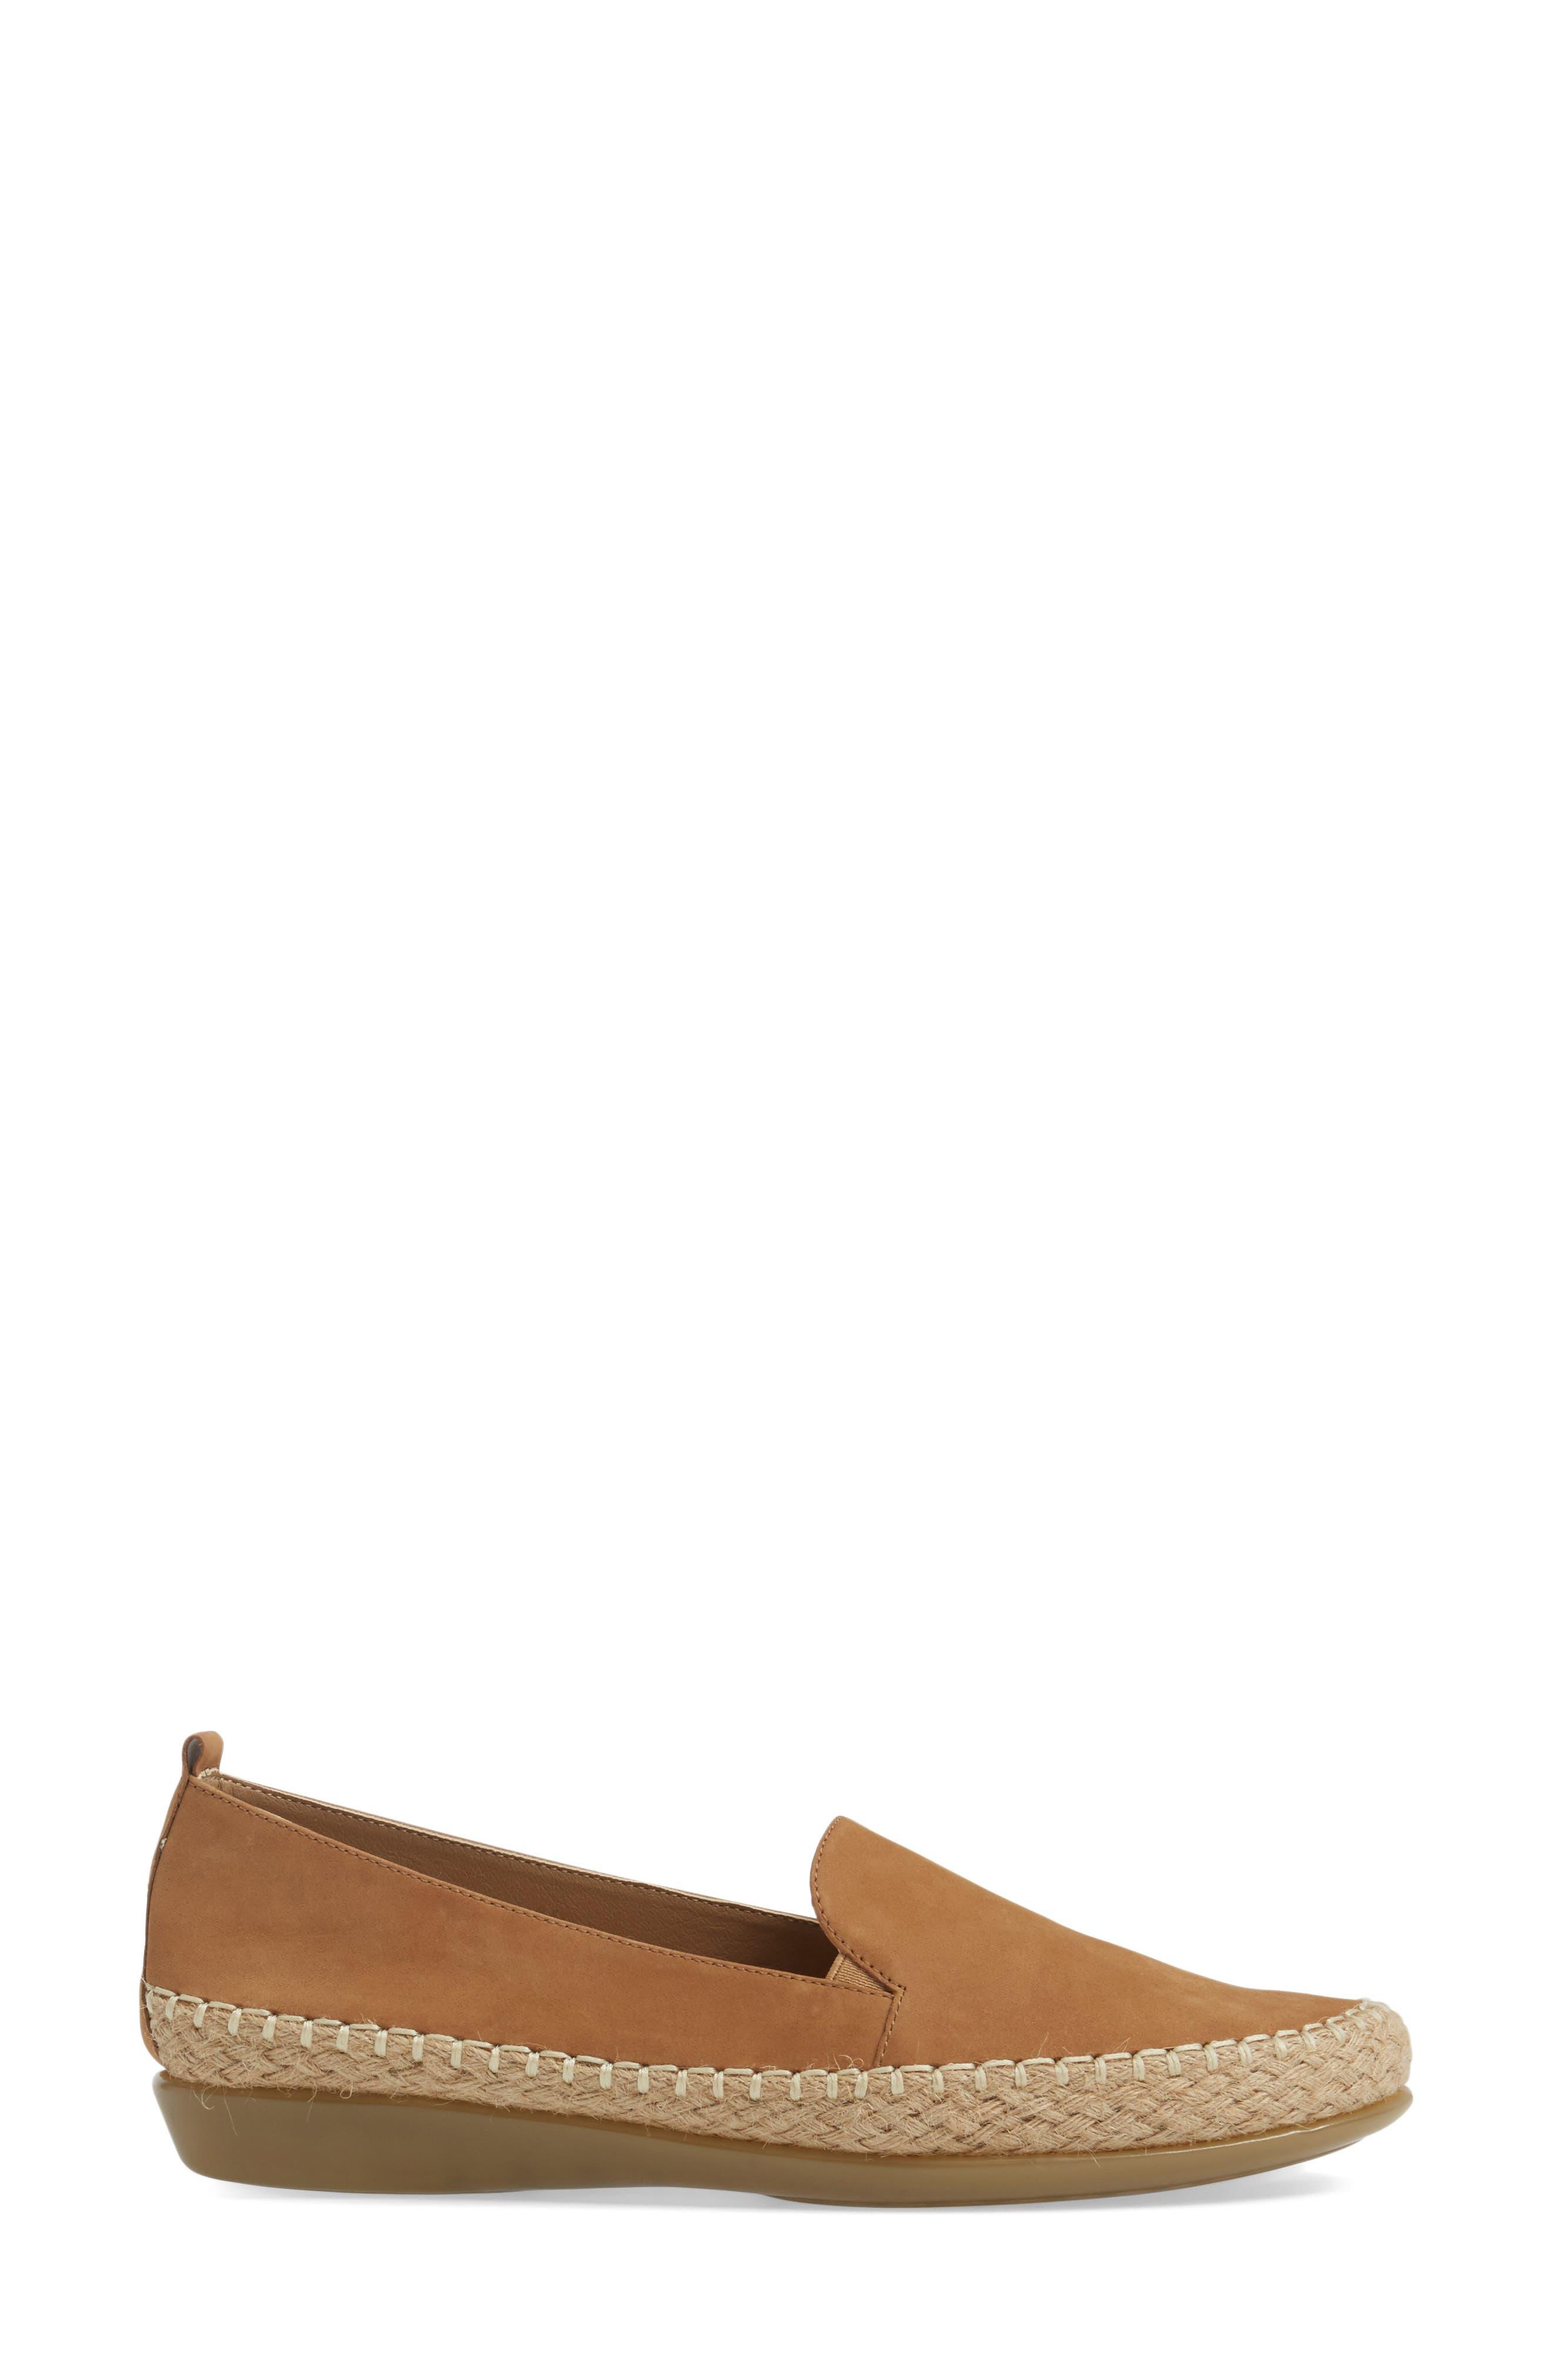 Nadette Espadrille Loafer Flat,                             Alternate thumbnail 10, color,